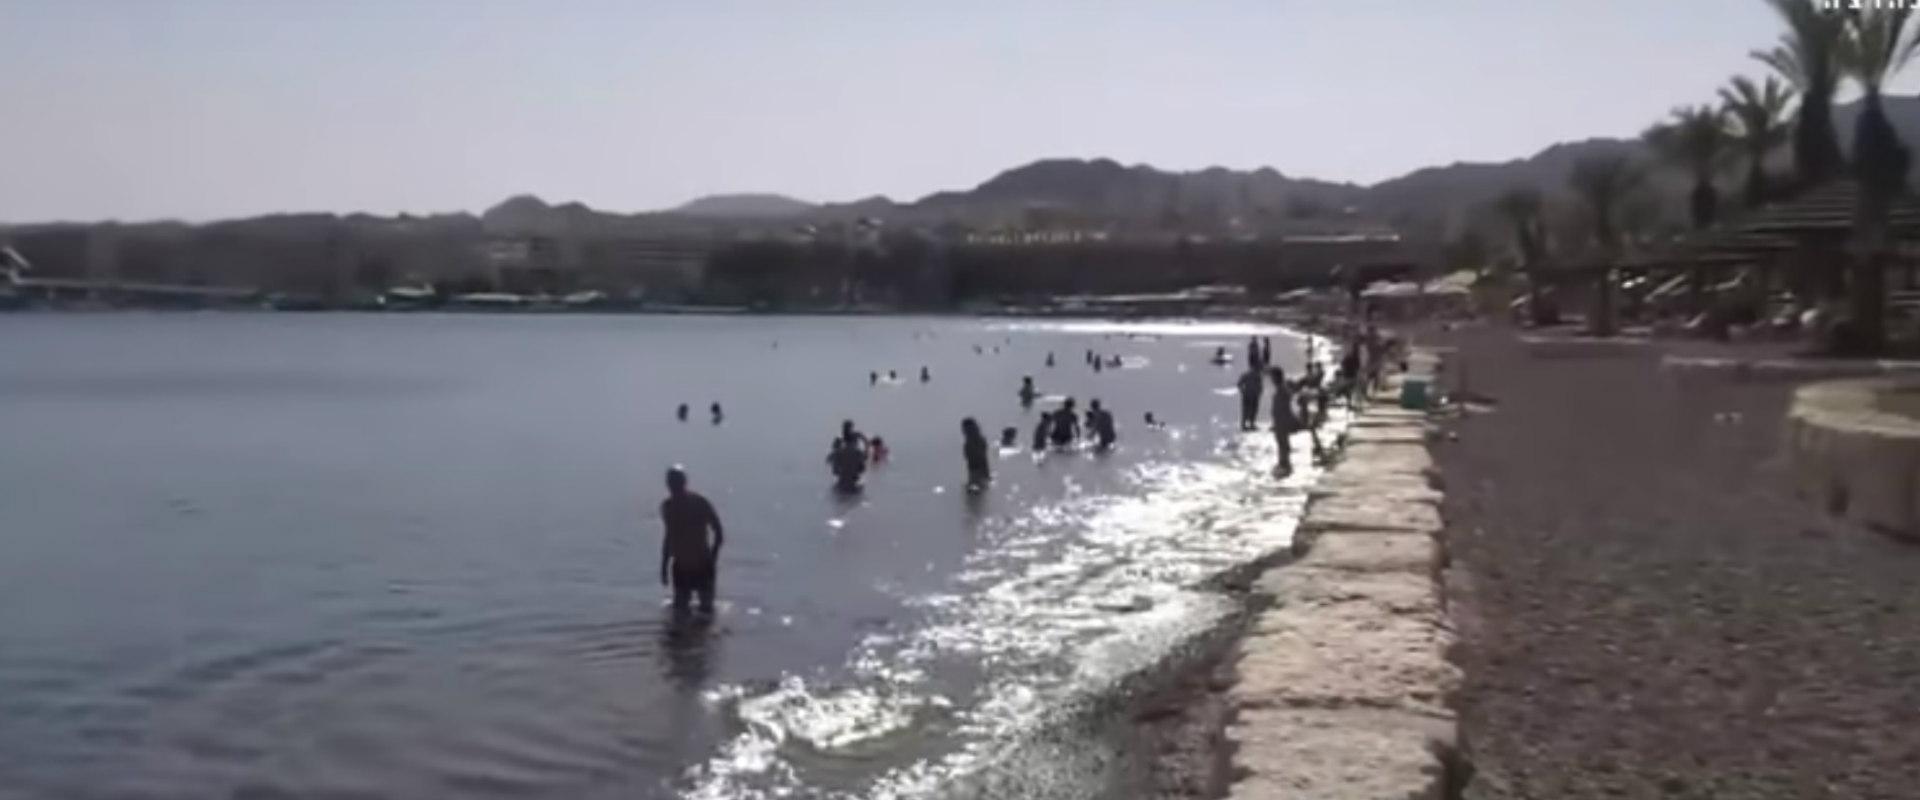 מתרחצים בחוף אילת